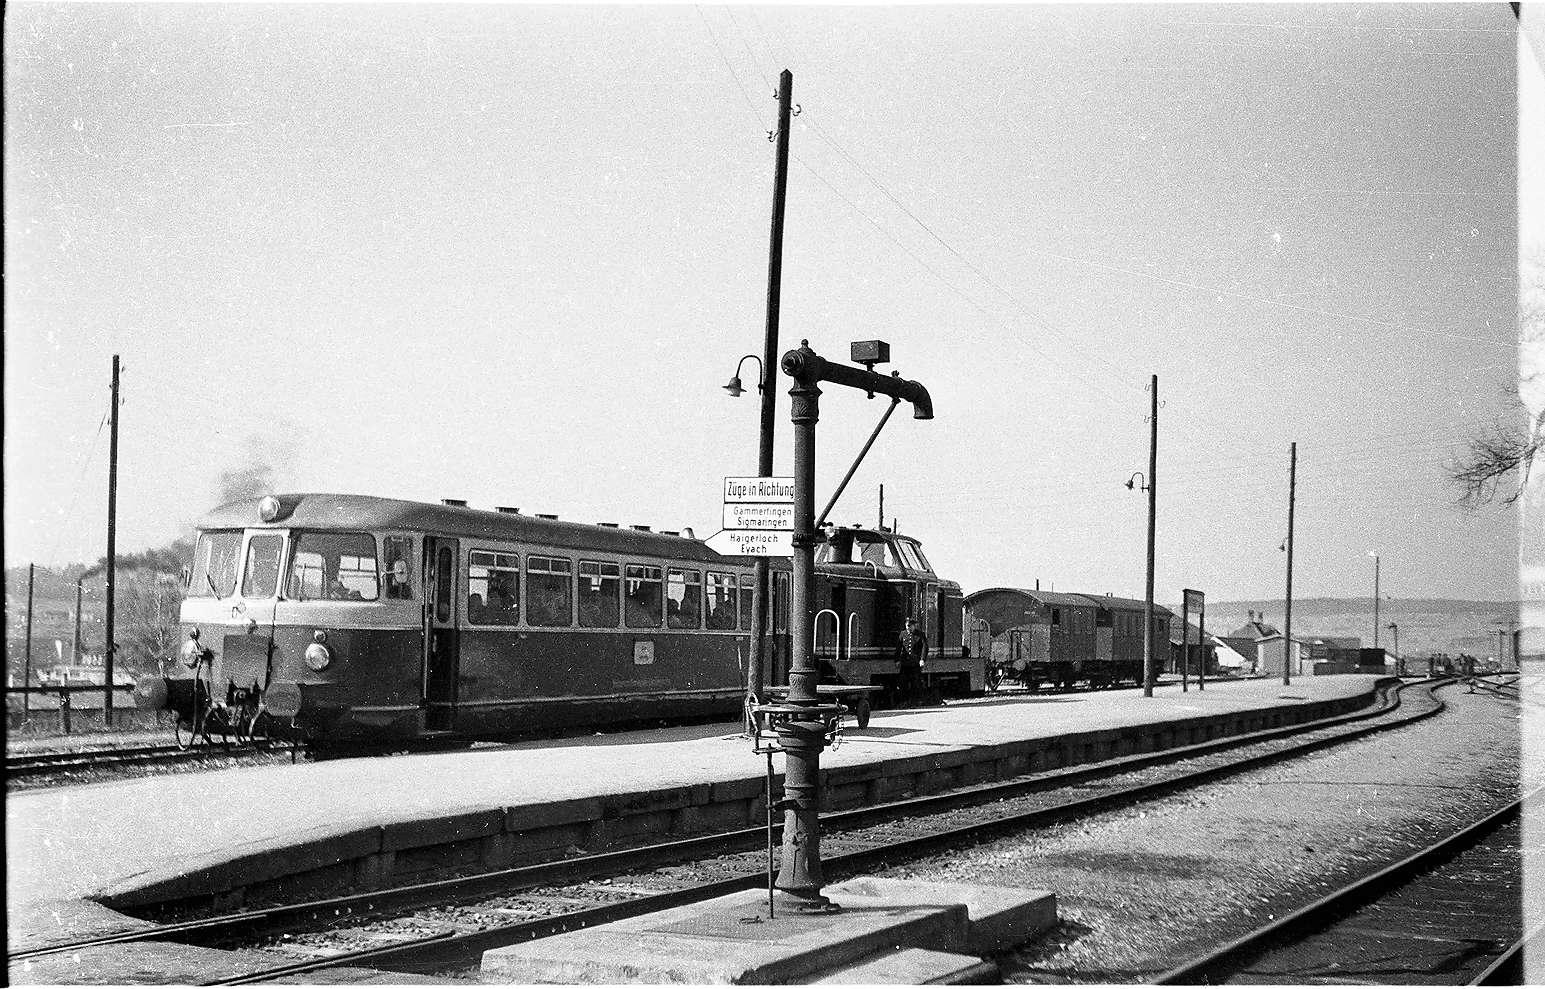 Zug 24/ 308 b, Bahnhof Hechingen, Diesellok V81, MAN-Triebwagen nach Eyach, der Wasserkran stand von 1901 - 2001, war bis zuletzt funktionsfähig, Bild 1